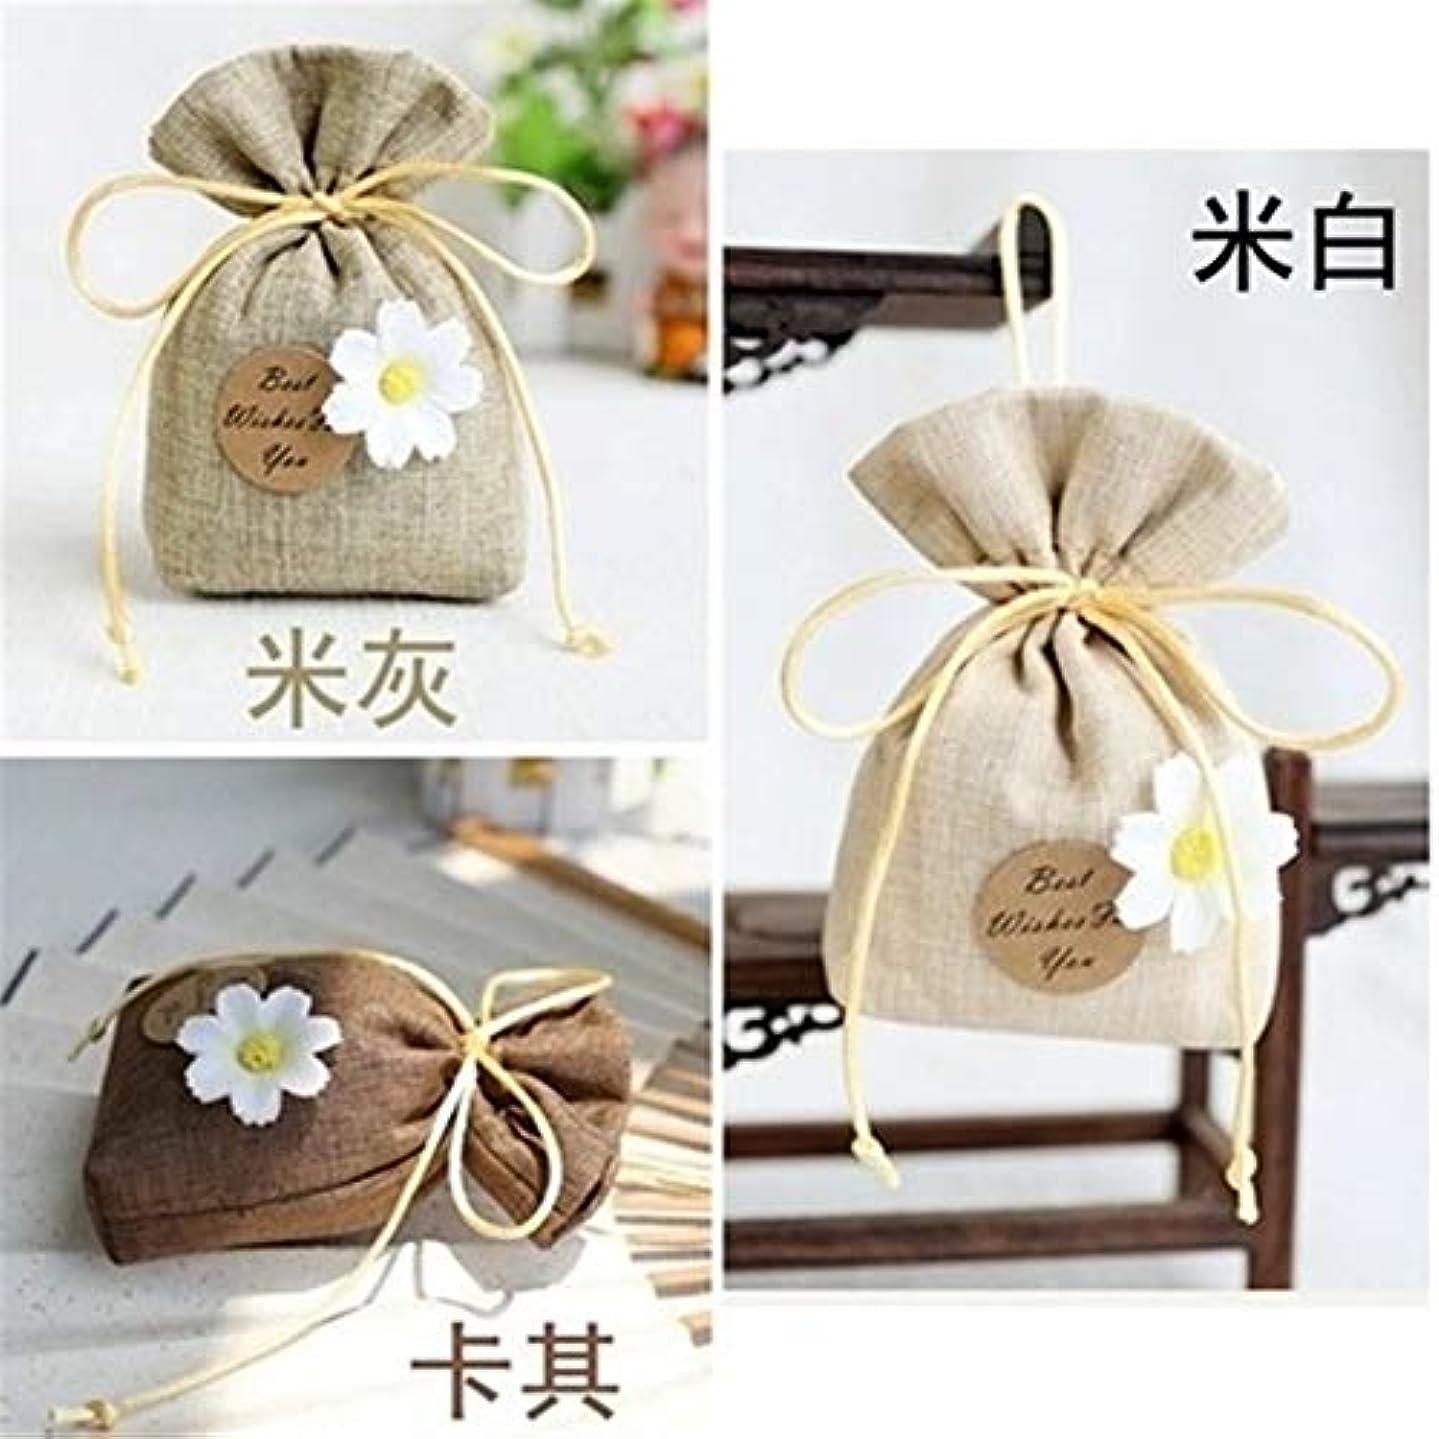 確認強打ブレンドGardenia/Clove/Gulongの芳香の芳香の芳香剤の香料入りの磨き粉、ワードローブのための自然な芳香の芳香の芳香袋、車、 (Color : Khaki, Scent Type : Gardenia)